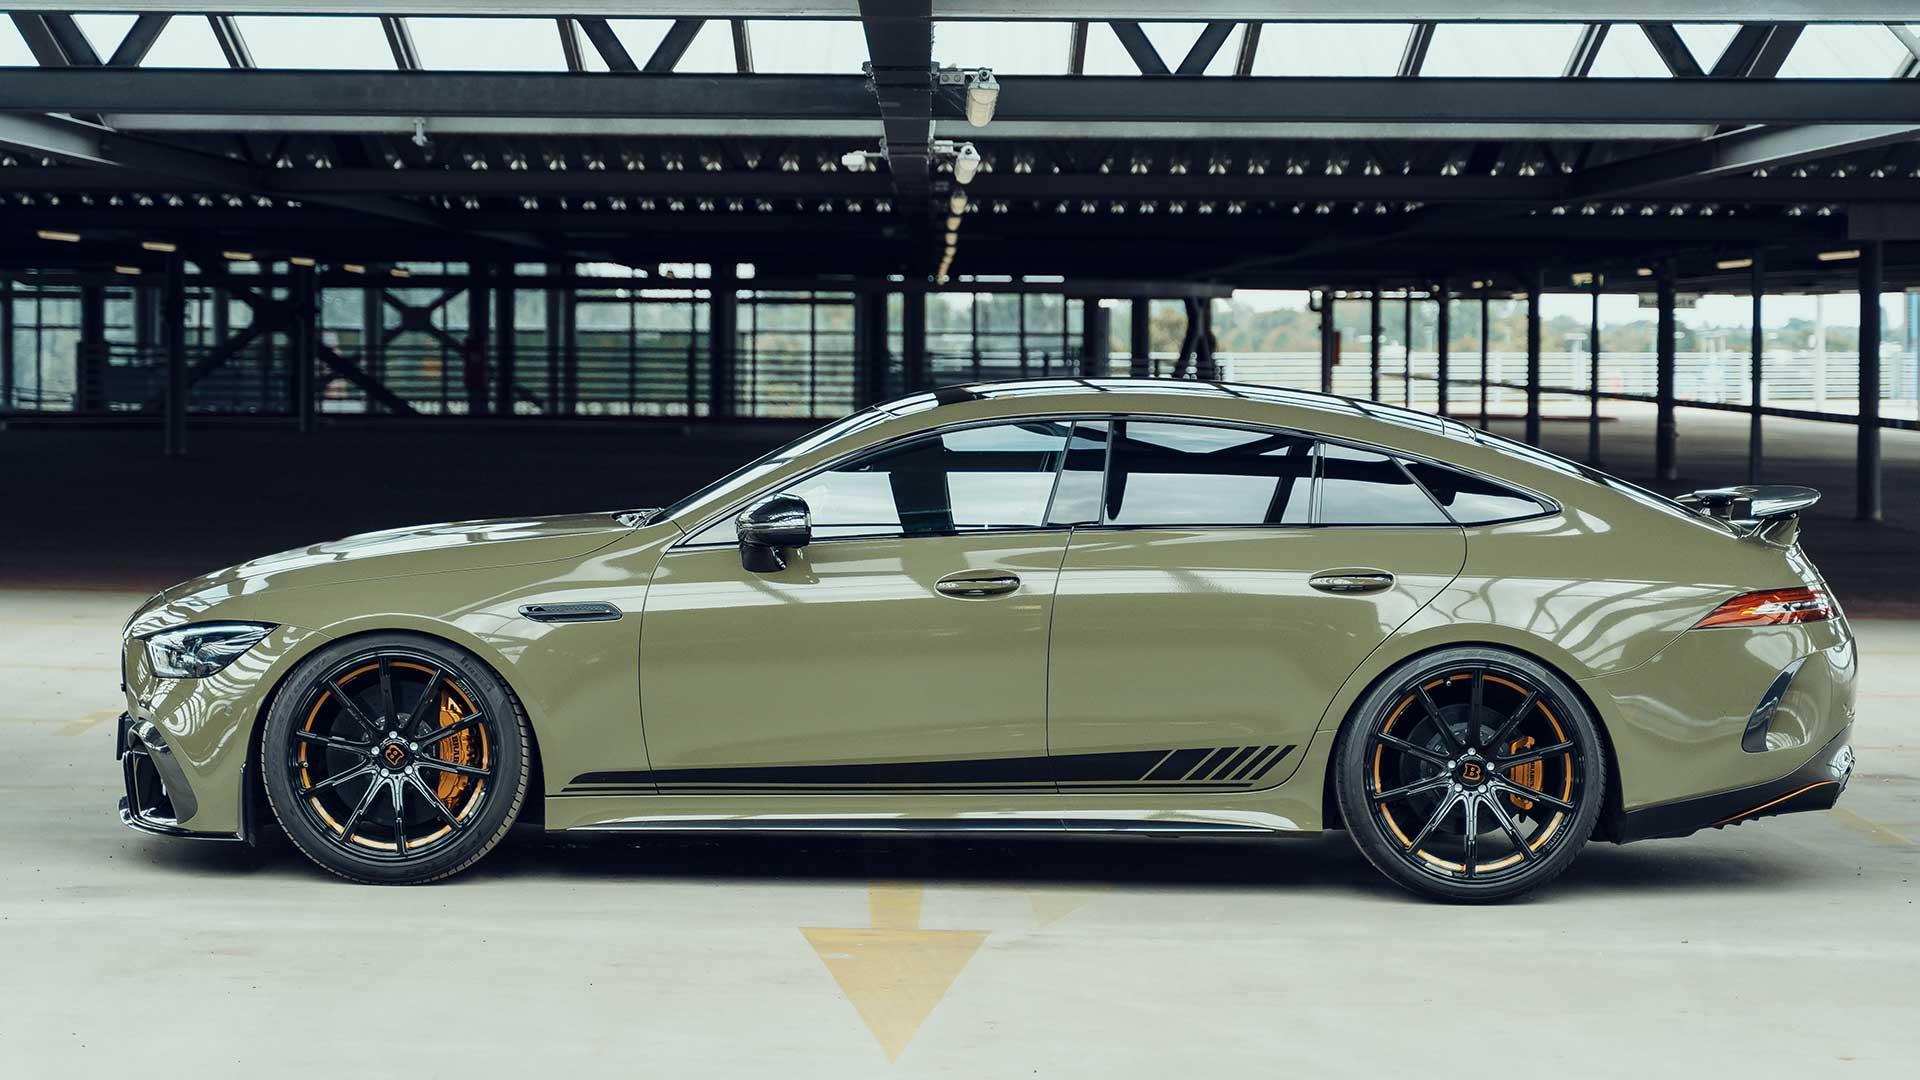 Zijkant Fostla Brabus 800 (Mercedes-AMG GT 63 4-Door Coupé)